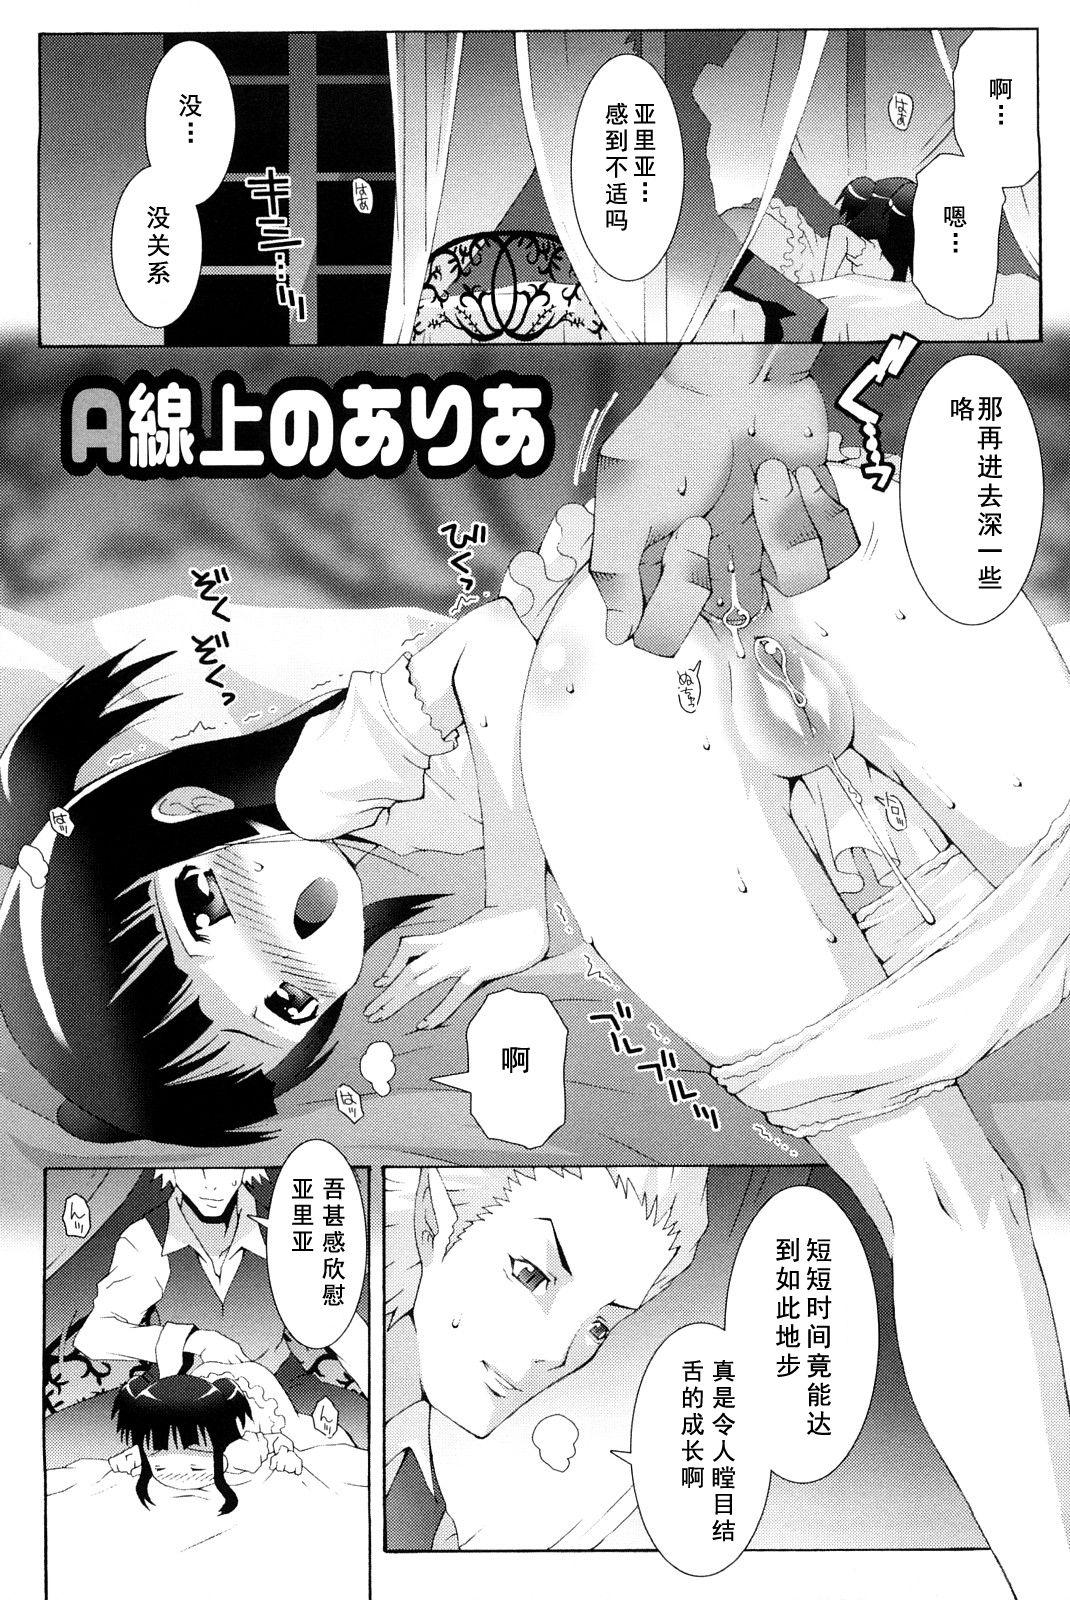 A Senjou no Aria 0